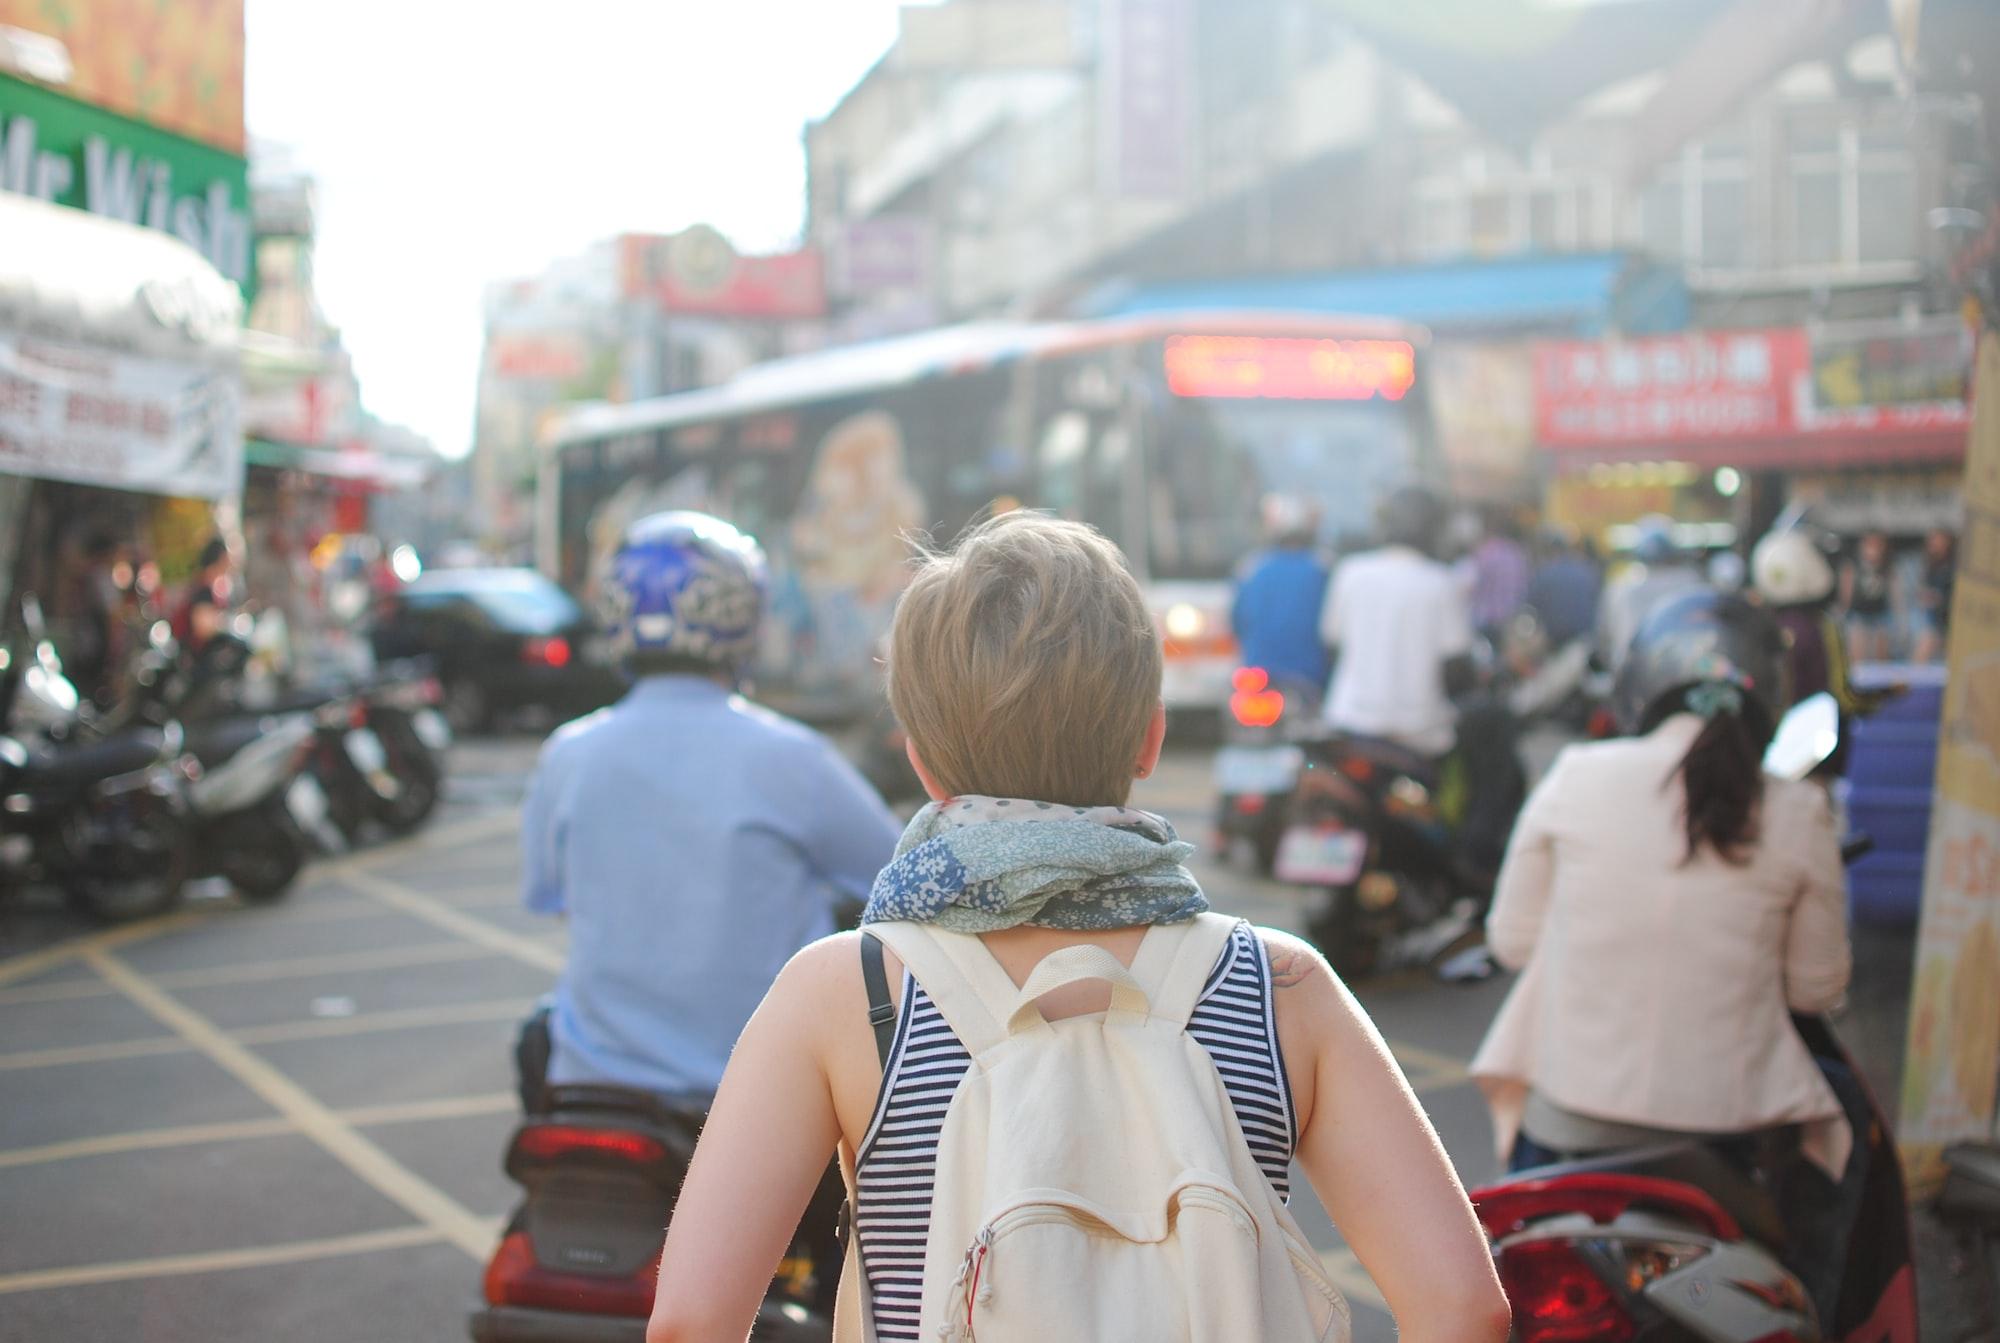 โควิดทำพิษ แพลตฟอร์มท่องเที่ยวสูญเสียอัตราการใช้บริการไปกว่า 90%